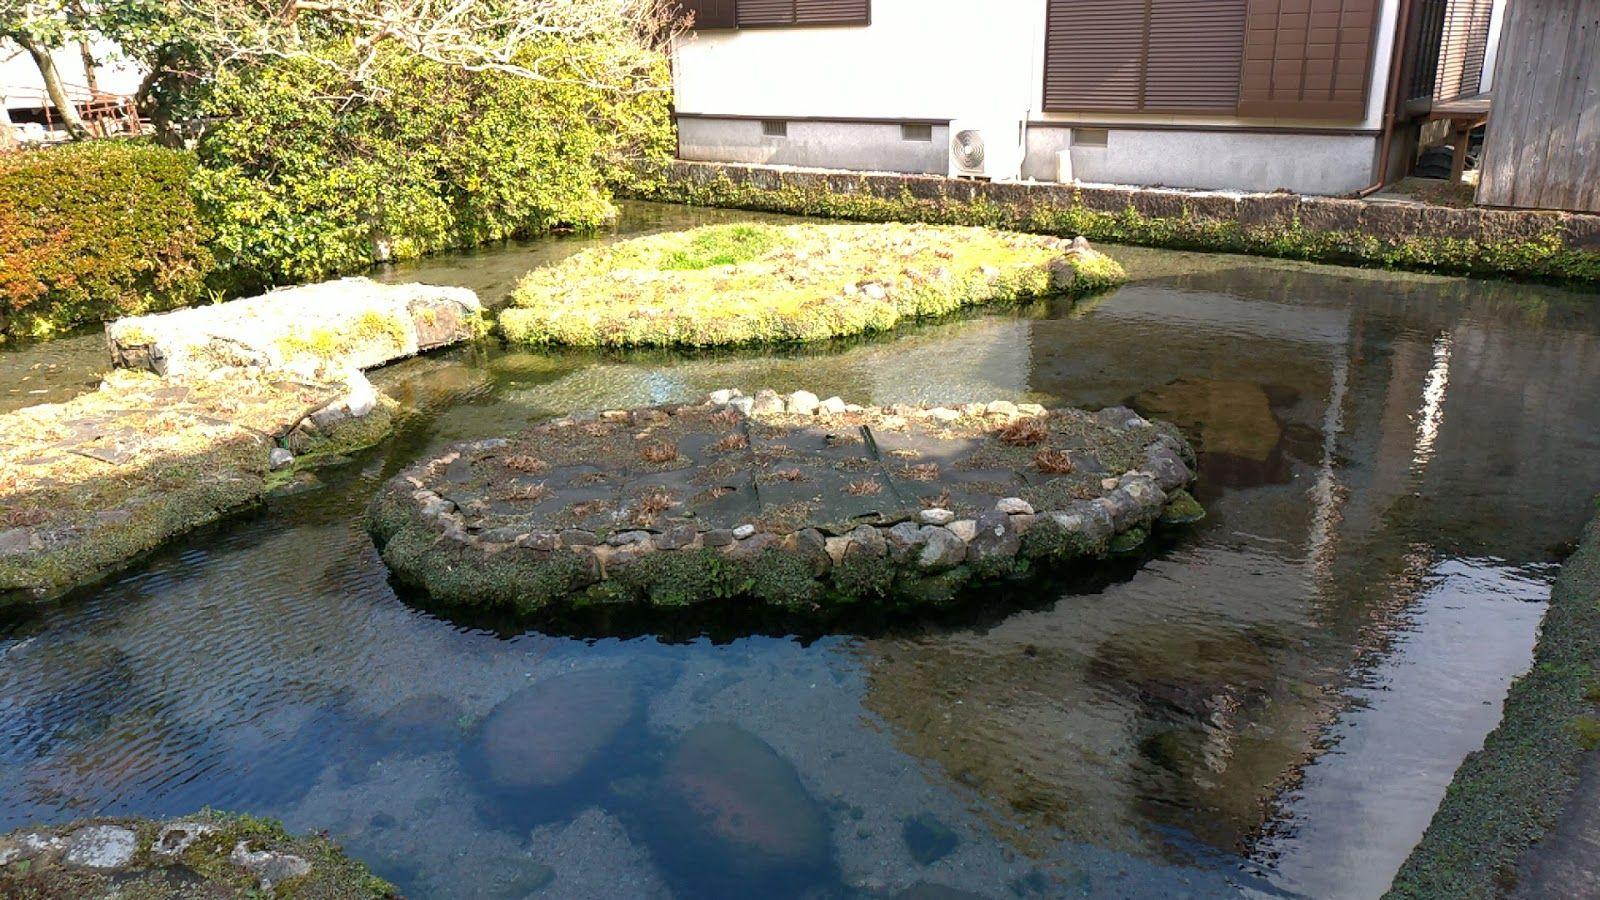 湧水庭園 四明荘 島原市 2021 庭園 訪問 長崎市